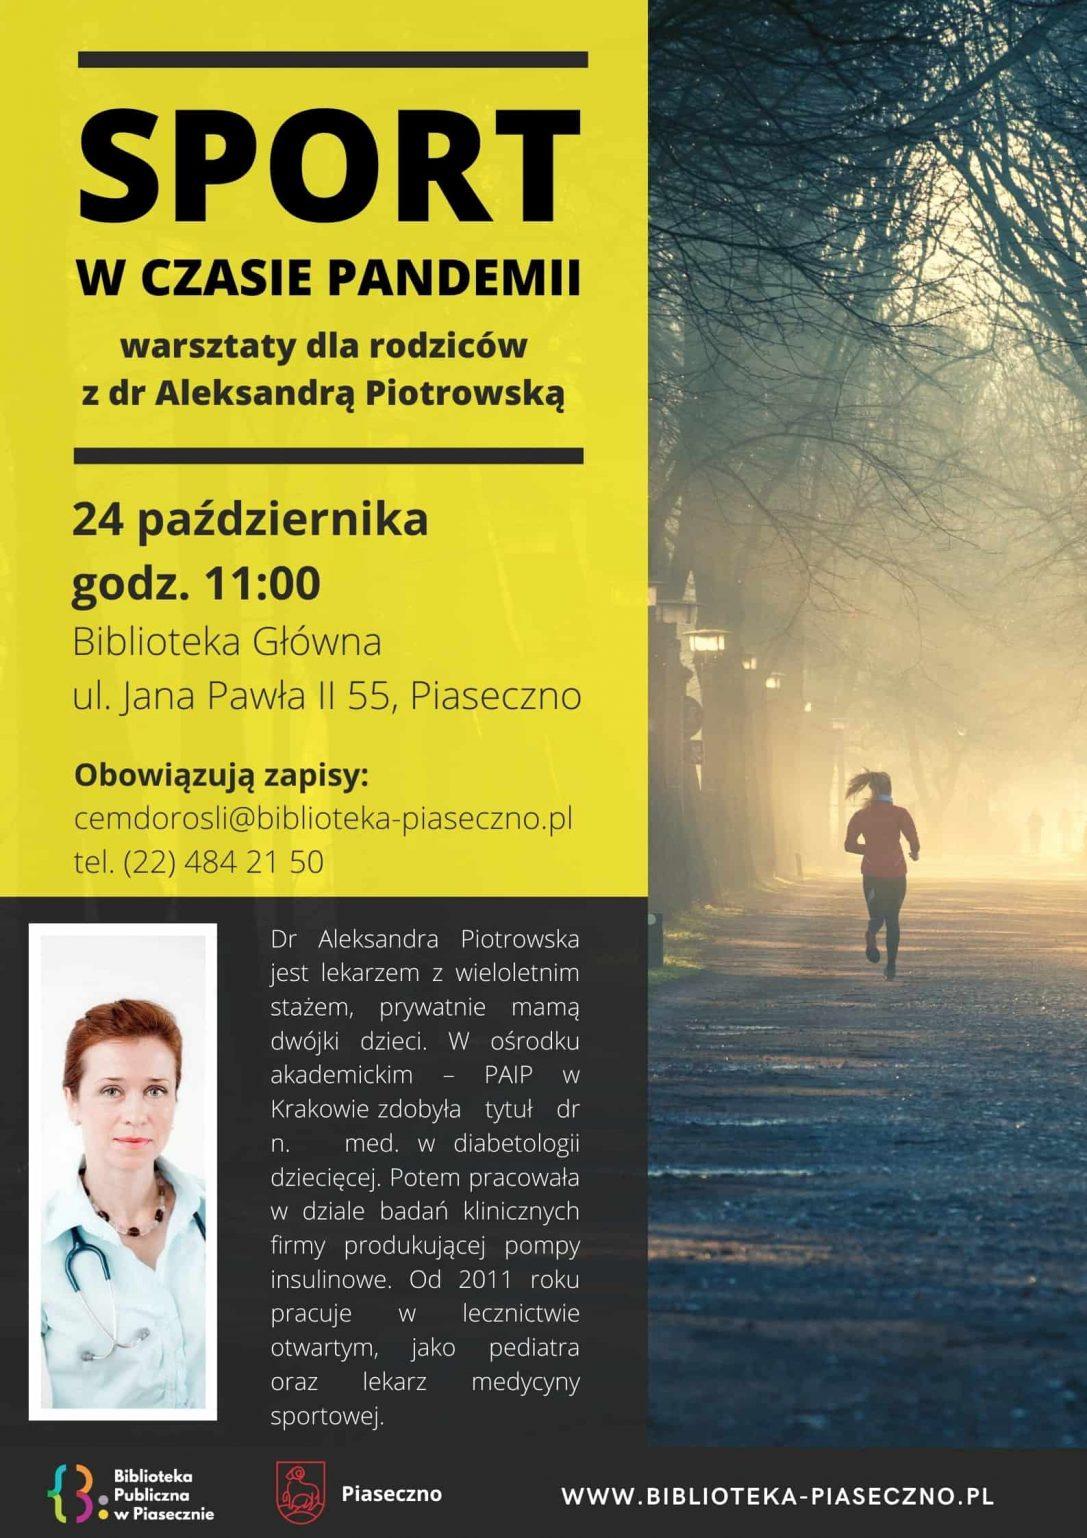 Plakat - Sport w czasie pandemii